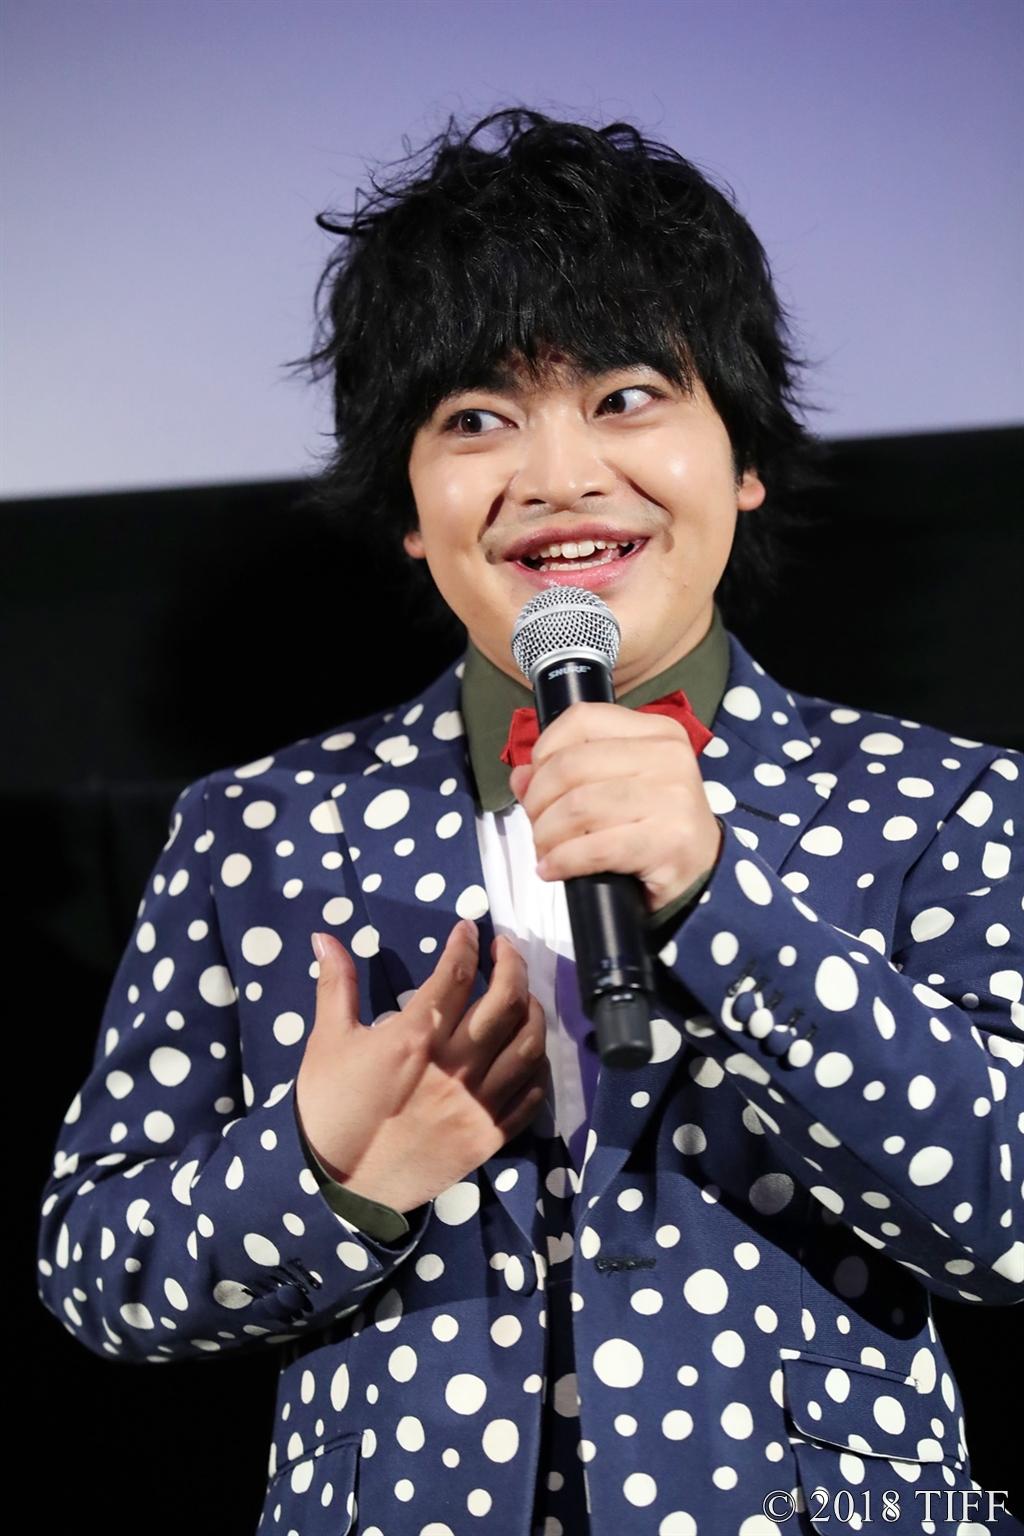 【写真】第31回東京国際映画祭(TIFF) 特別招待作品『ギャングース』舞台挨拶 (加藤 諒)